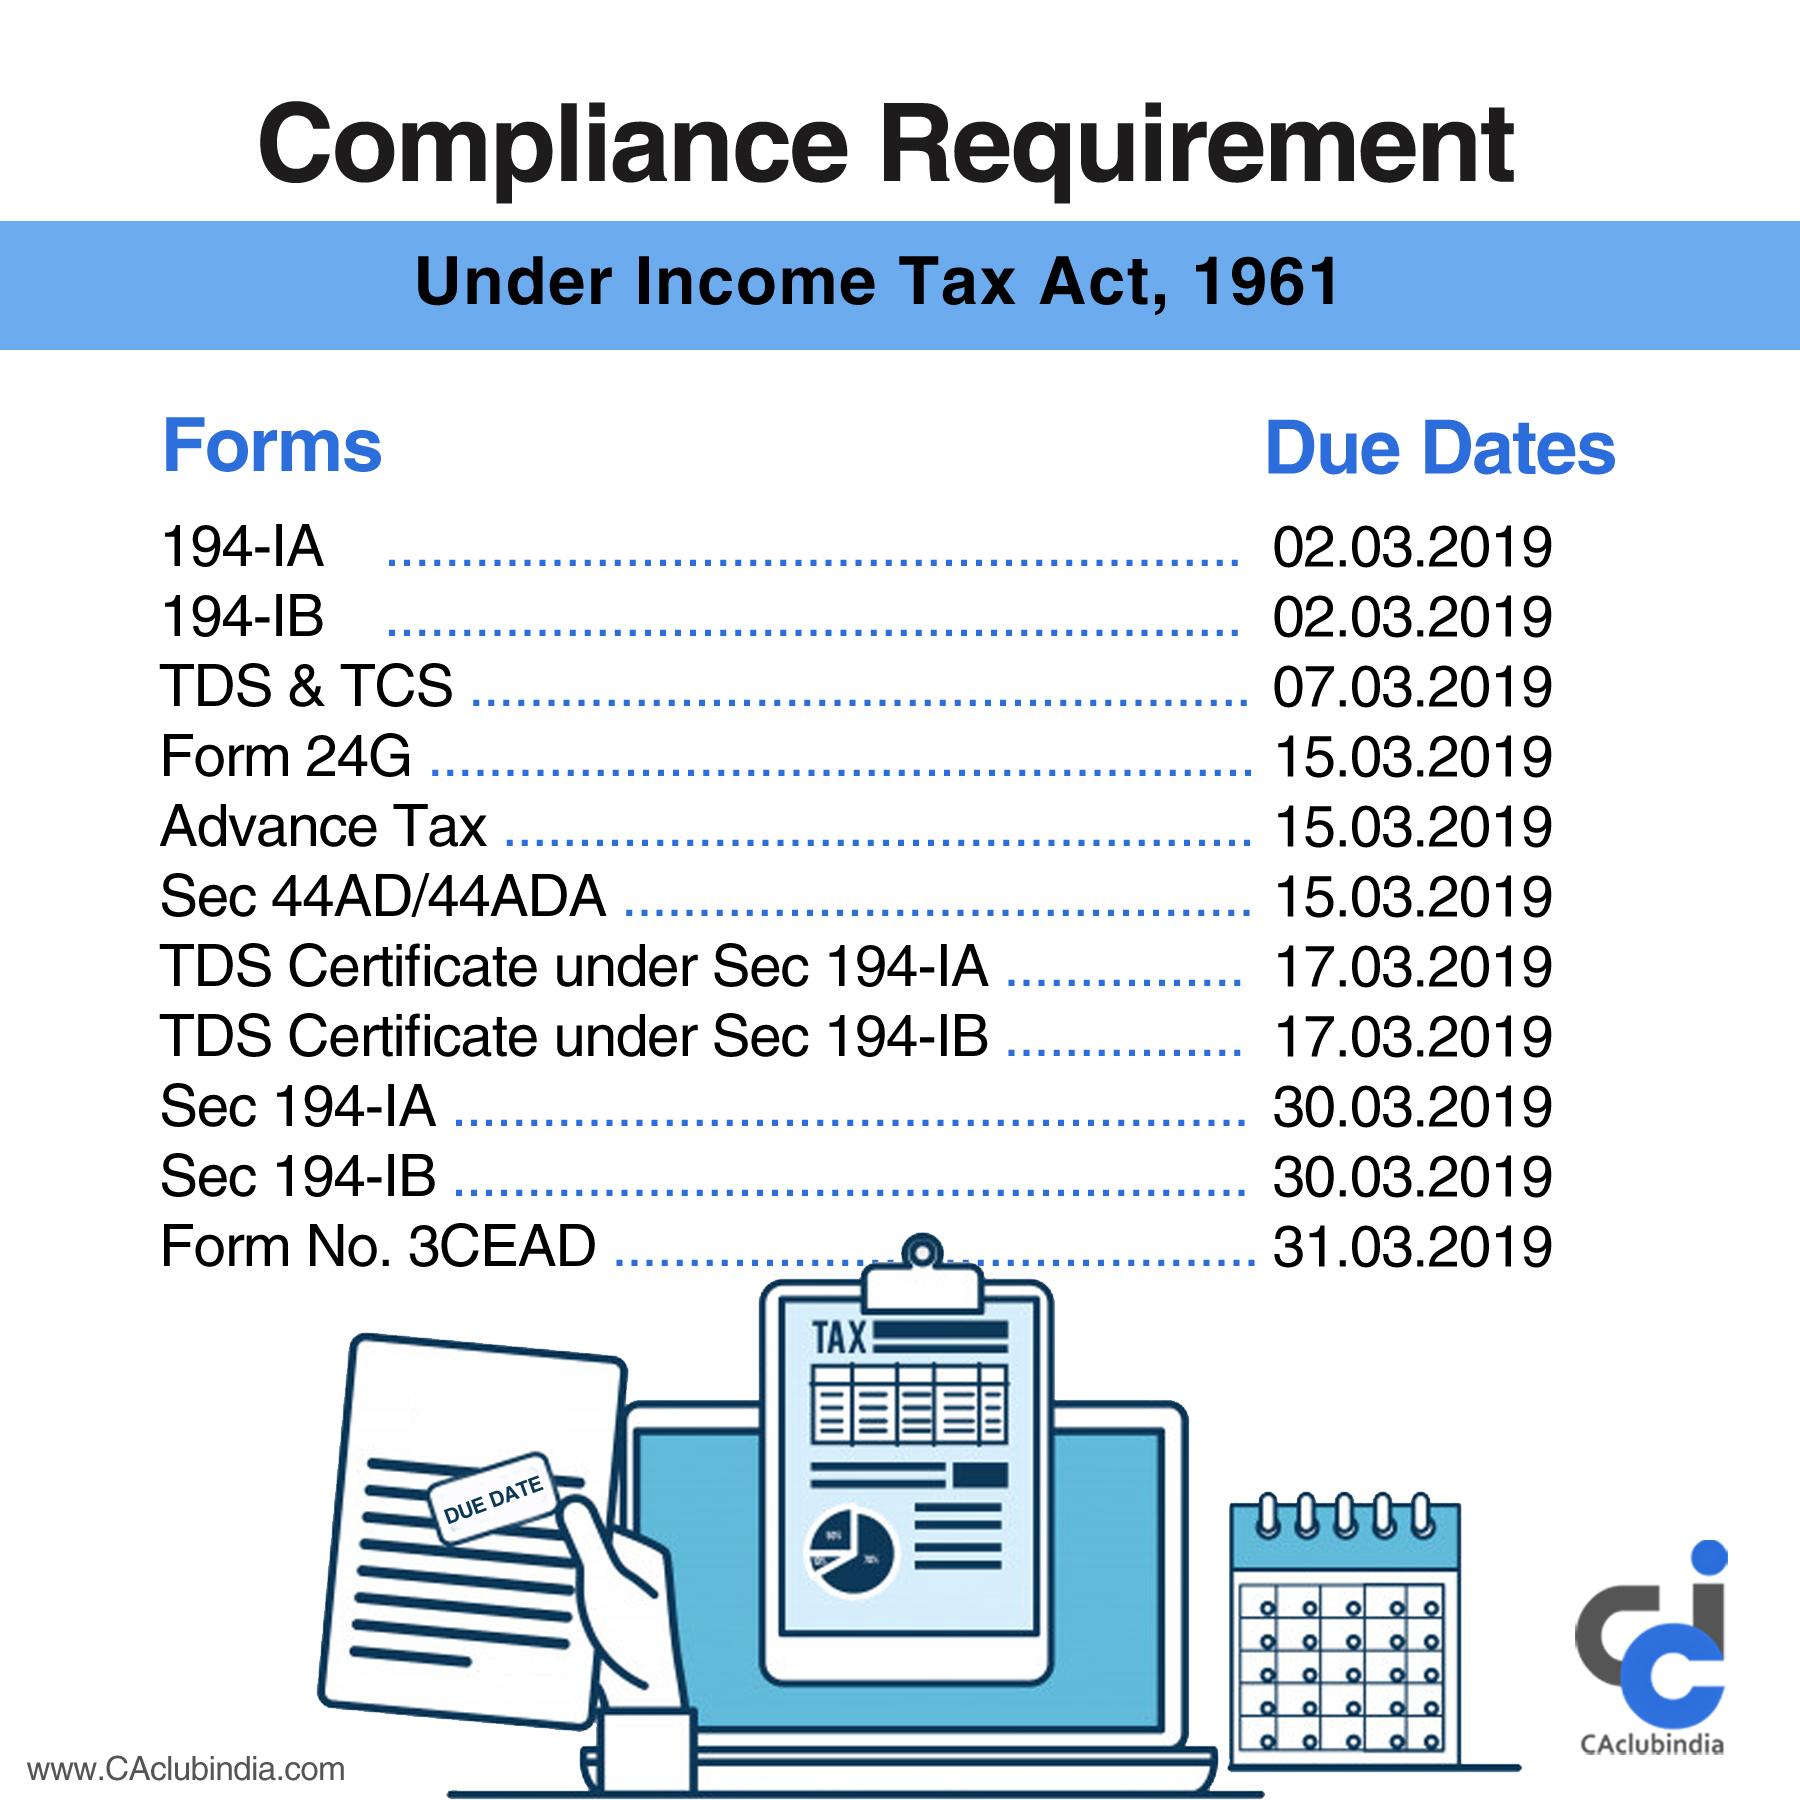 Corporate Compliance Calendar  March, 2019 regarding Compliance Calendar Under Companies Act 2013